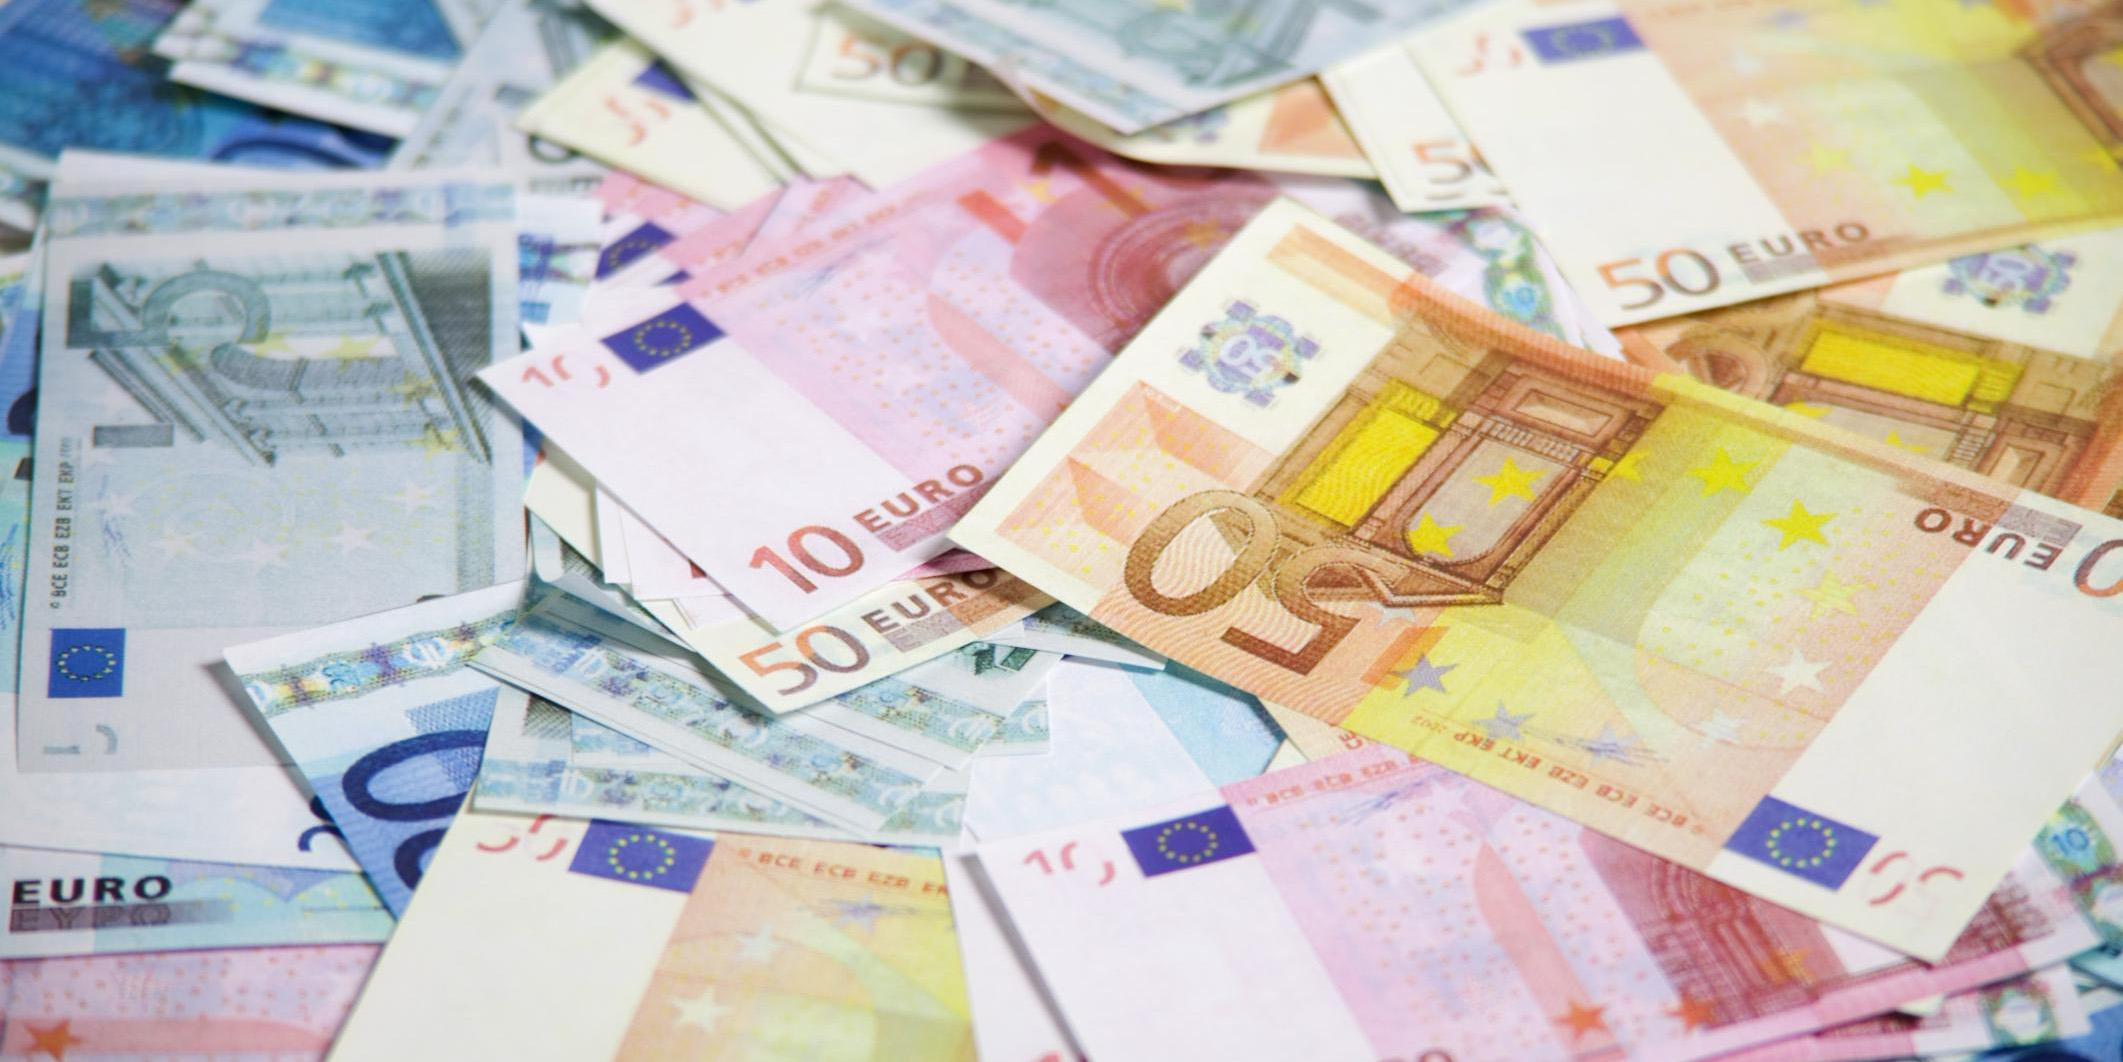 خرید و فروش ارز در بانکها در تضاد با فعالیت صرافیها نیست